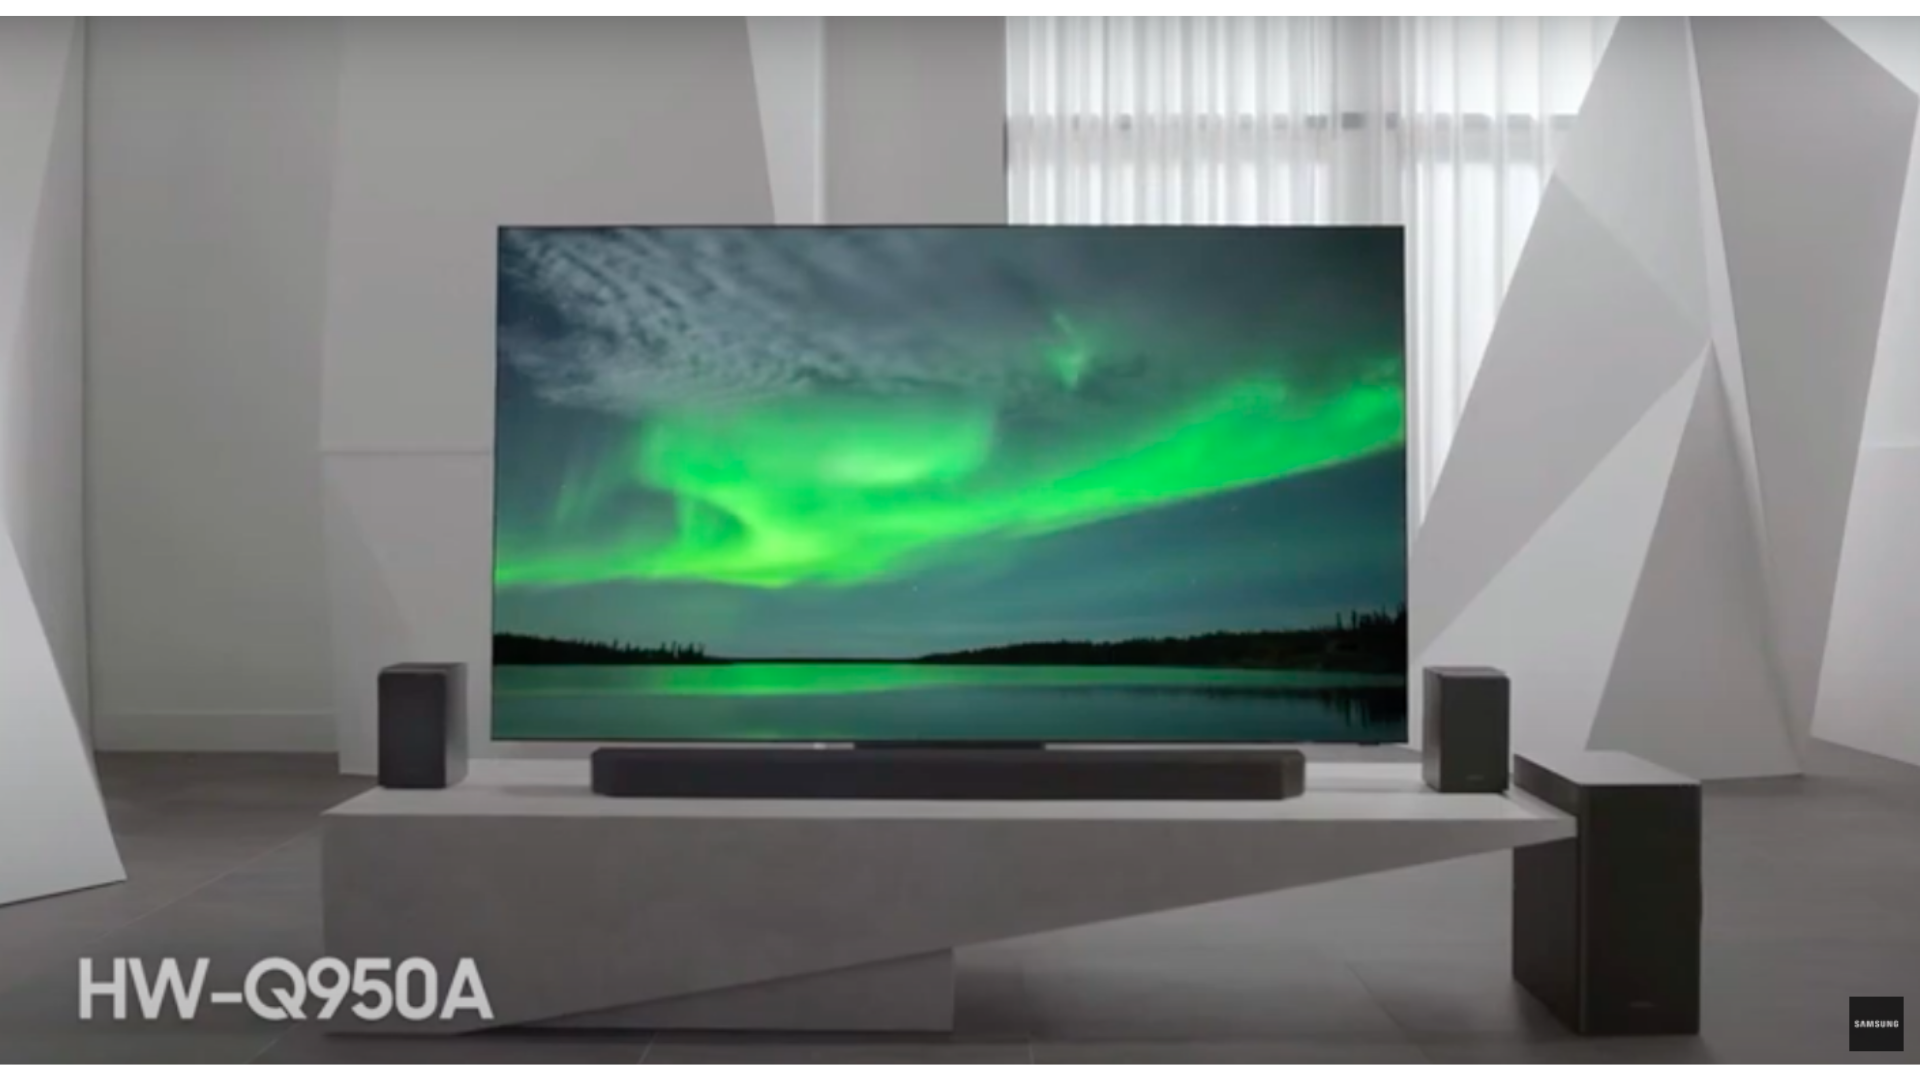 Conheça mais sobre as novidades da linha Neo QLED da Samsung. (Imagem: Divulgação/Samsung)